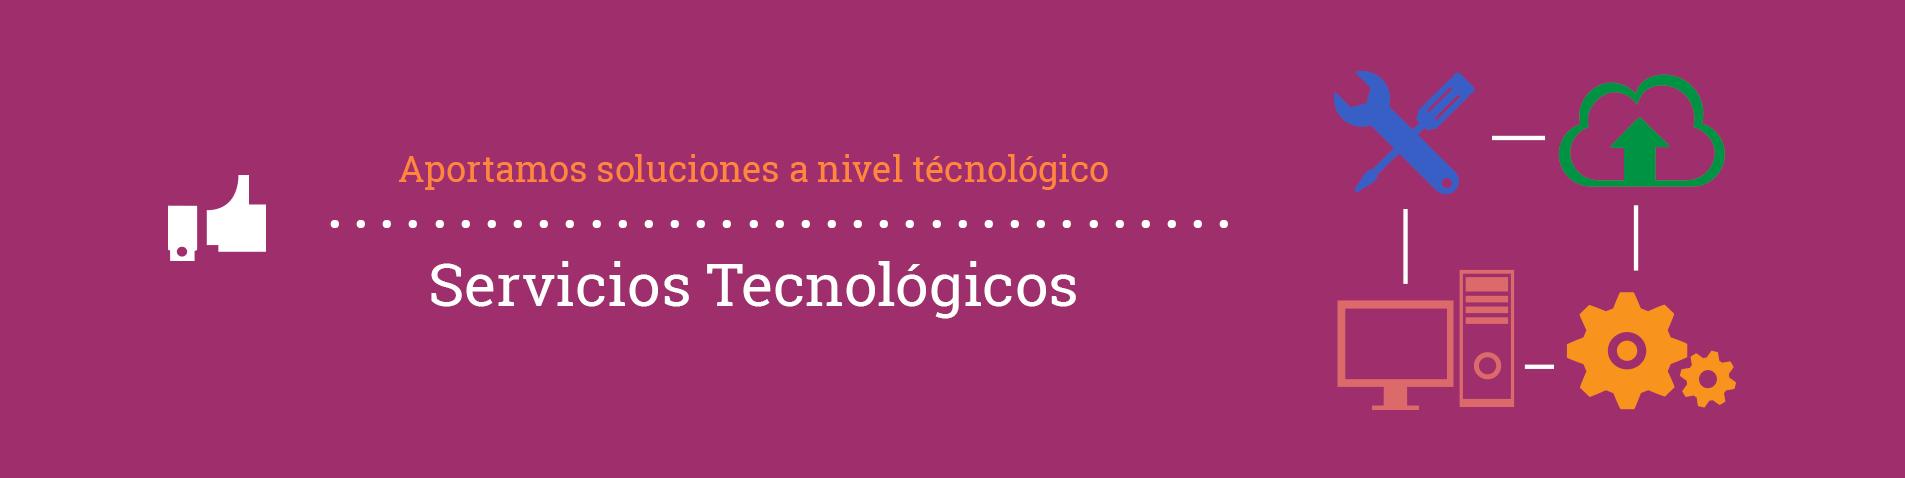 servicios-tecnologicos-nexglobal